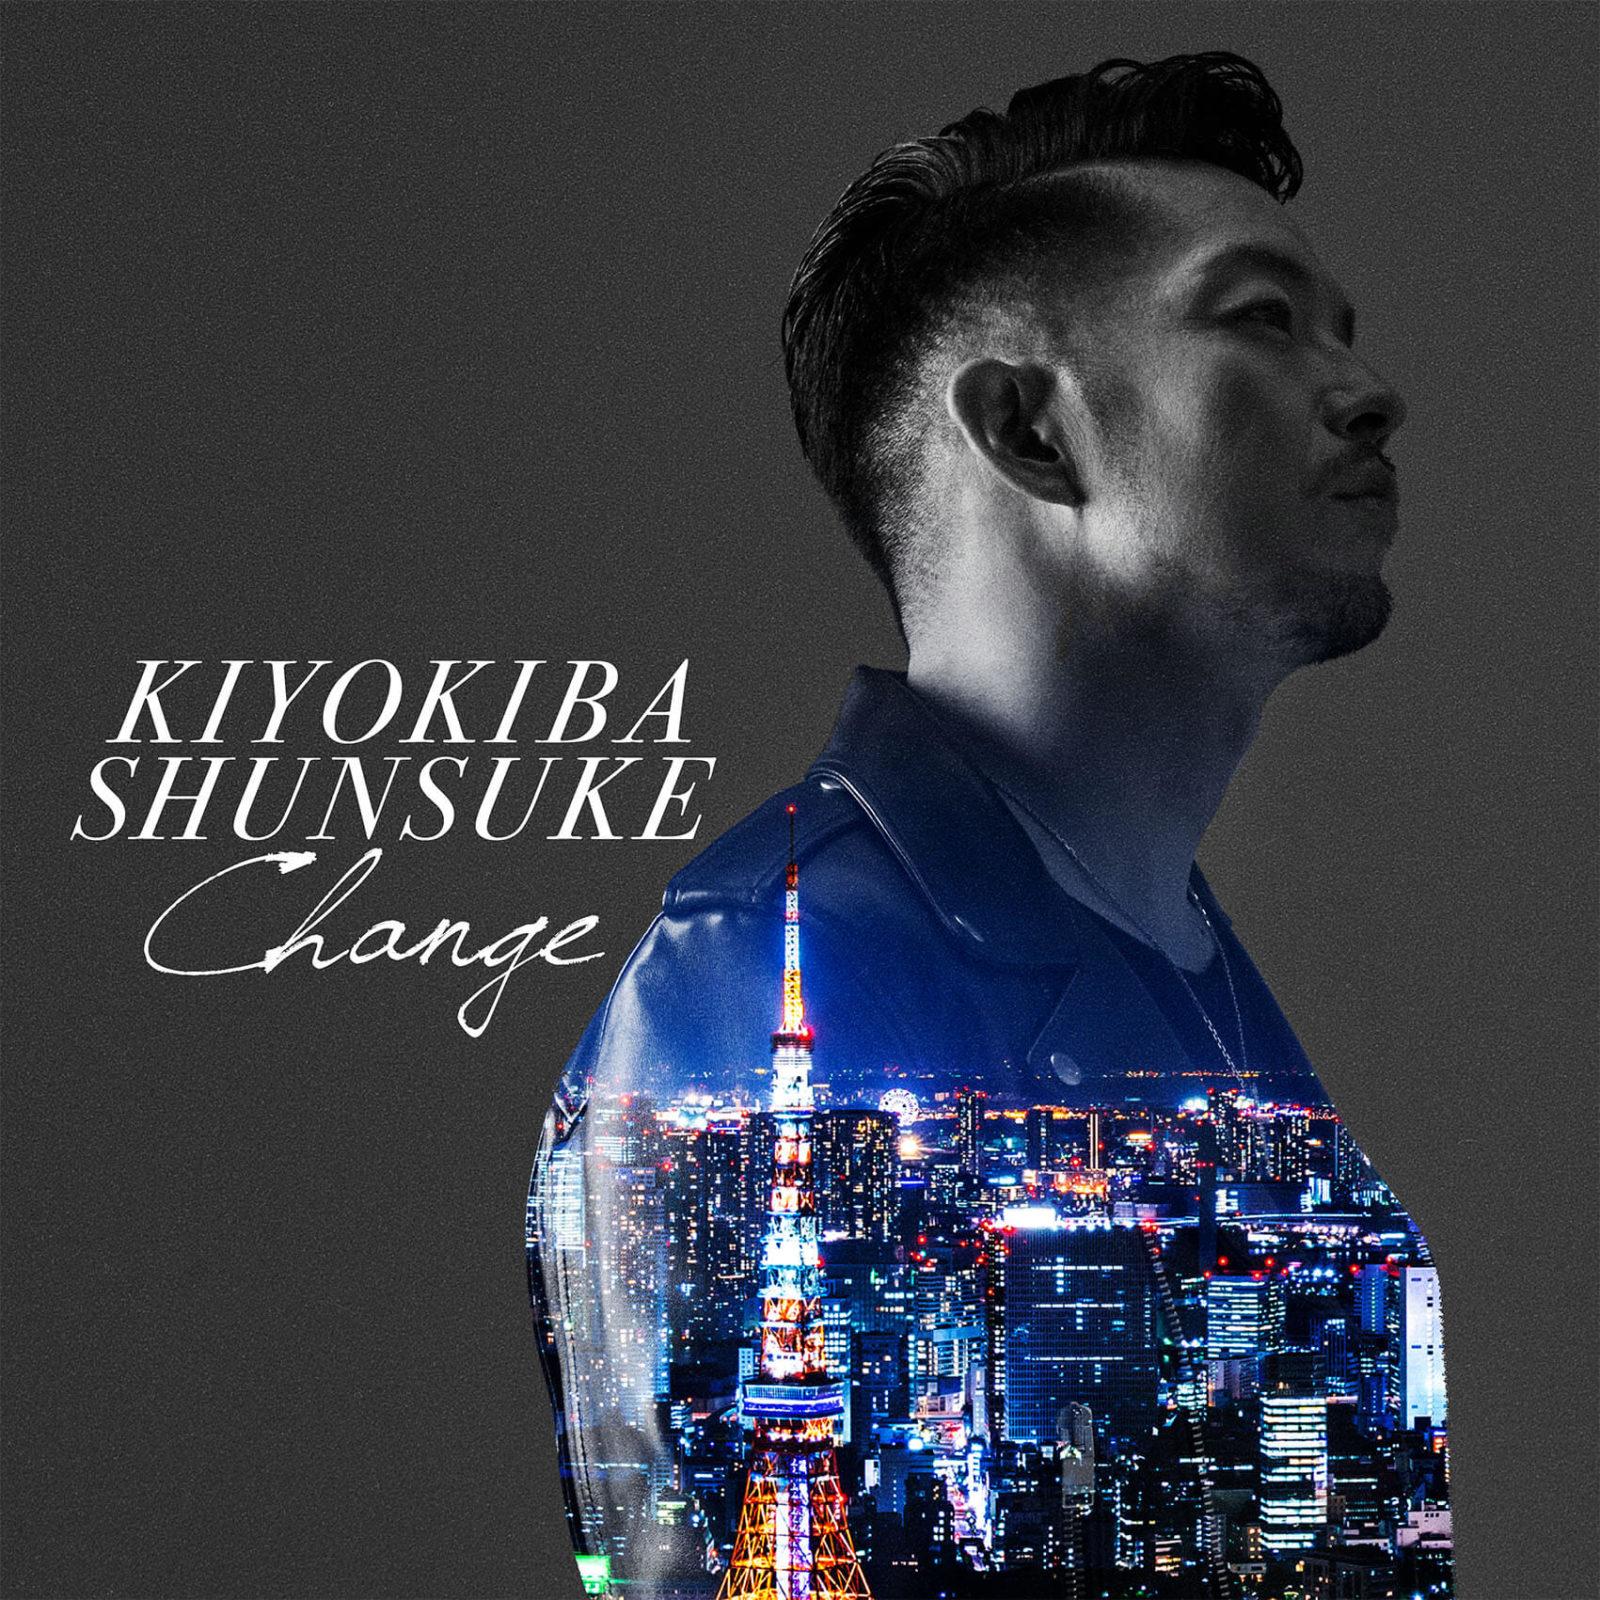 清木場俊介、NEW ALBUM「CHANGE」収録内容の全貌が公開!初のレゲエ楽曲にも挑戦サムネイル画像!